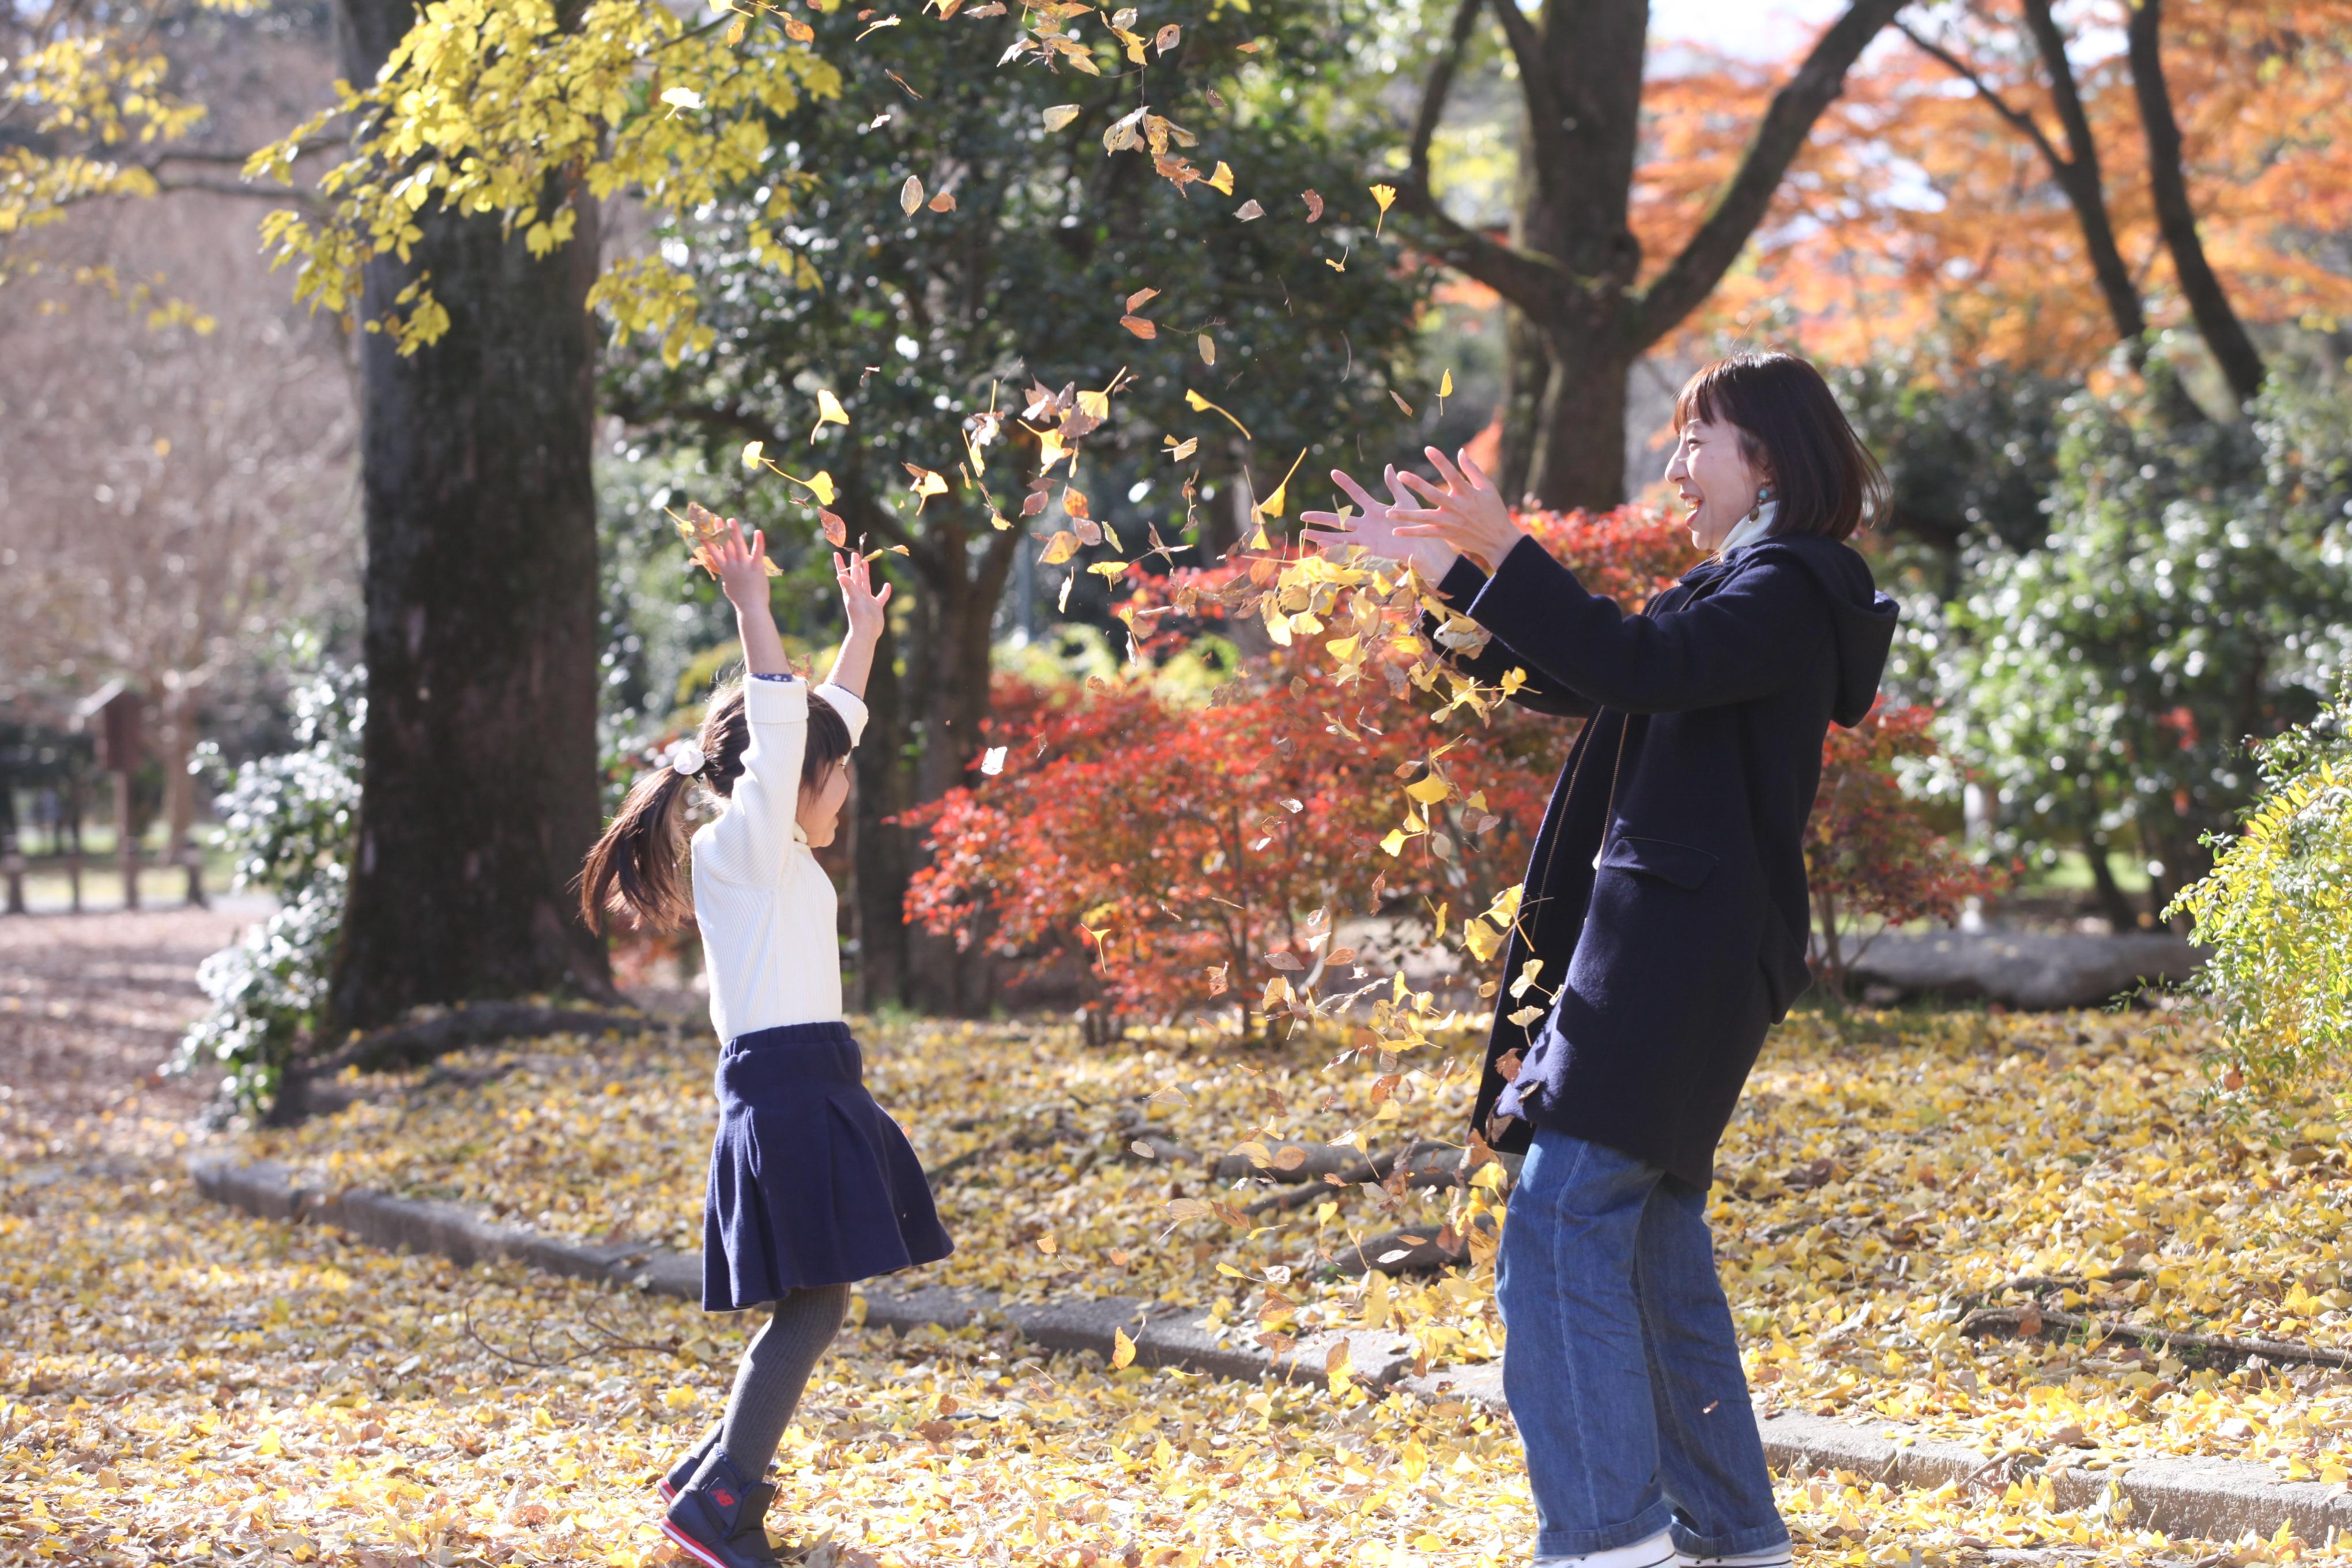 大阪出張撮影写真撮影お宮参り七五三授乳フォトバースフォトお誕生日フォト